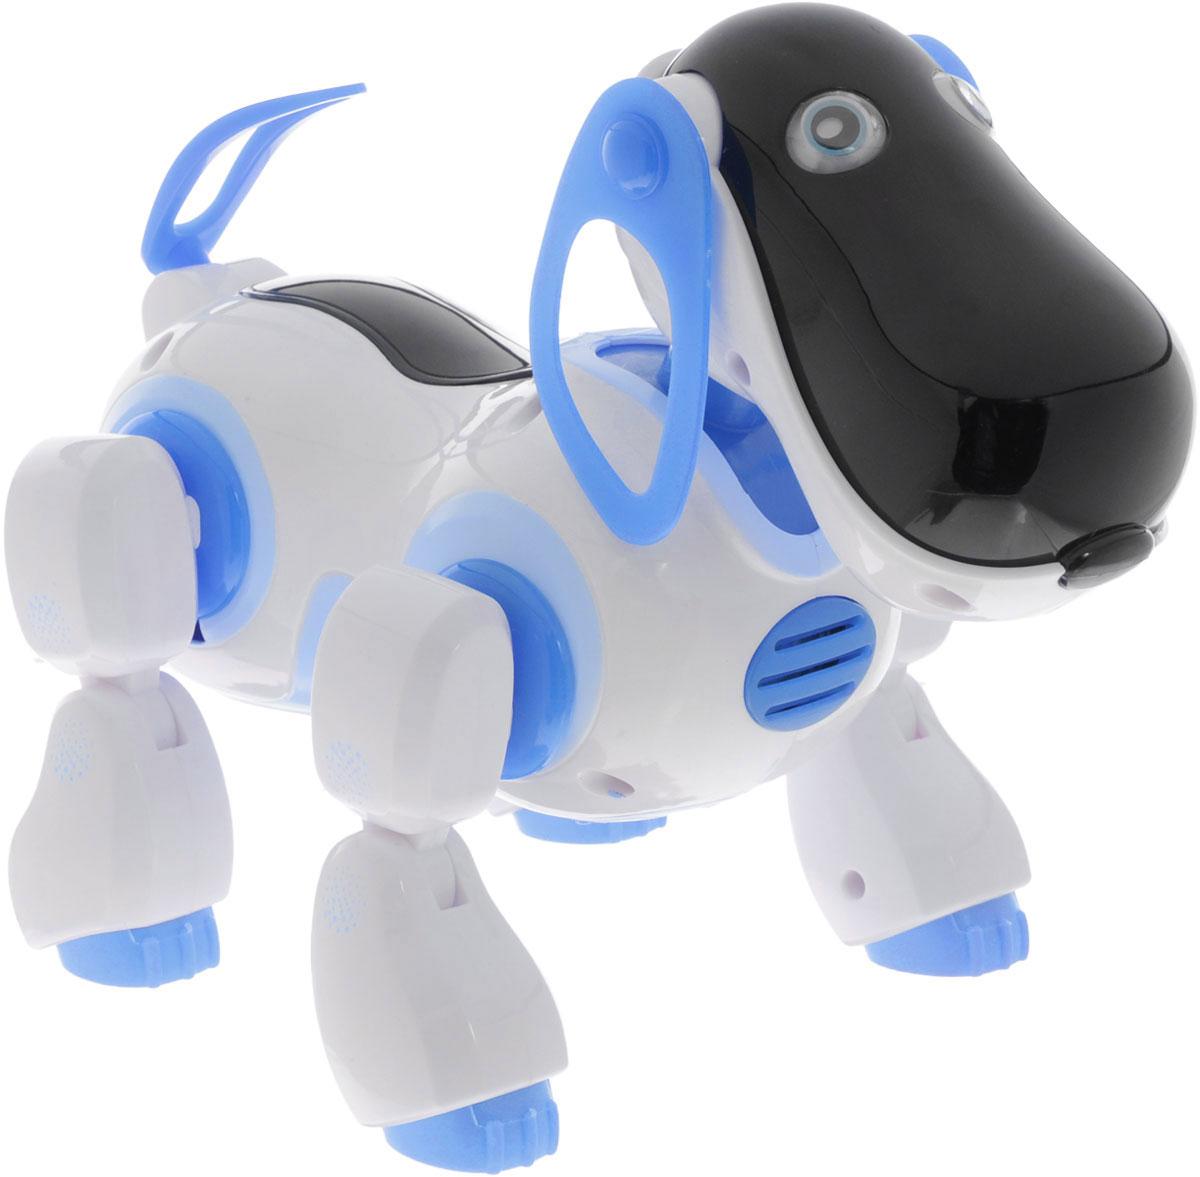 Играем вместе Интерактивный робопес на инфракрасном управлении цвет белый голубойB903251-R_голубойИнтерактивный робопес на инфракрасном управлении Играем вместе станет настоящим другом вашему малышу. С такой игрушкой вашему ребенку никогда не будет скучно. Сделайте своему малышу такой замечательный подарок. Игрушка изготовлена из высококачественных материалов и безопасна для здоровья. Озорная собачка готова не только играть и весело проводить время с ребенком, но и помочь ему в изучении математики. Также она умеет ходить вперед и назад, бегать, вилять хвостом и даже танцевать! Робопес поет песни и рассказывает стихи. Для работы игрушки рекомендуется докупить 4 батарейки напряжением 1,5V типа АА (товар комплектуется демонстрационными). Для работы пульта управления рекомендуется докупить 2 батарейки напряжением 1,5V типа АА (товар комплектуется демонстрационными).